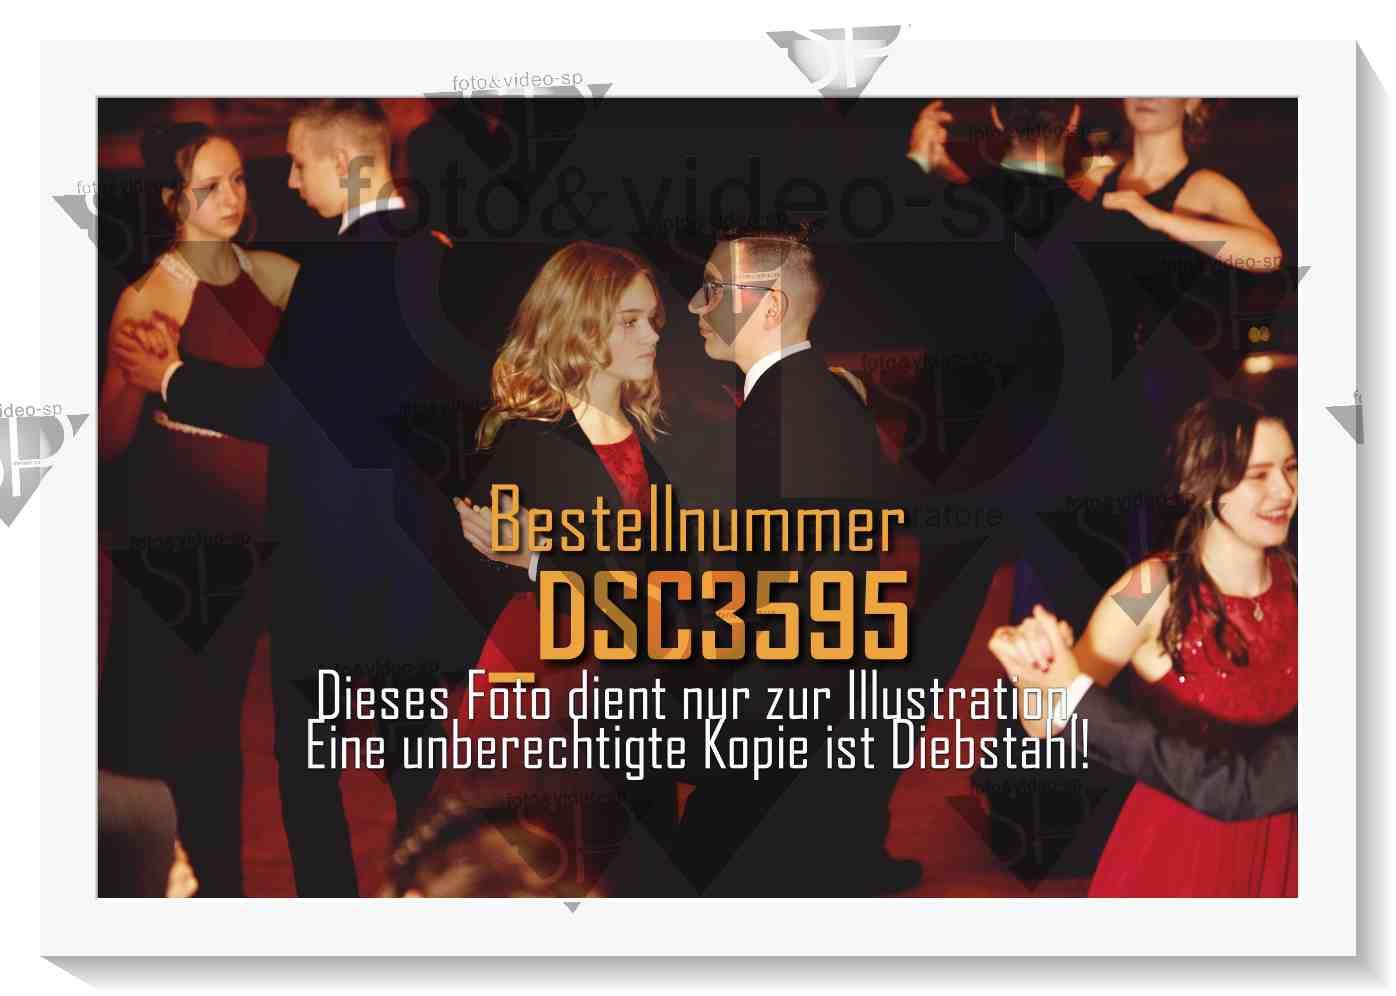 DSC3595